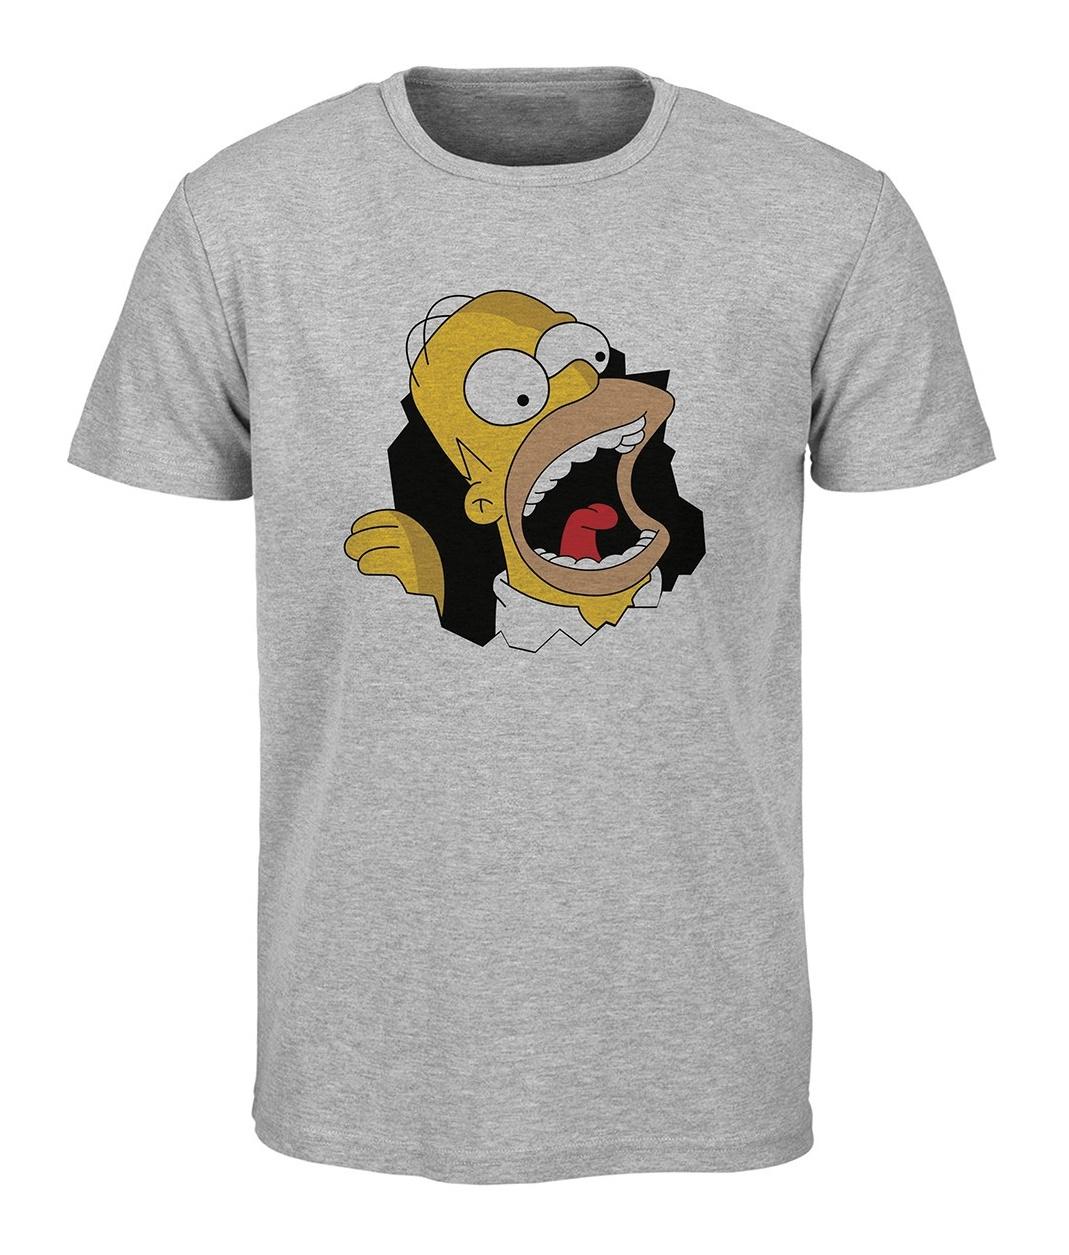 تی شرت آستین کوتاه یاسا طرح y202